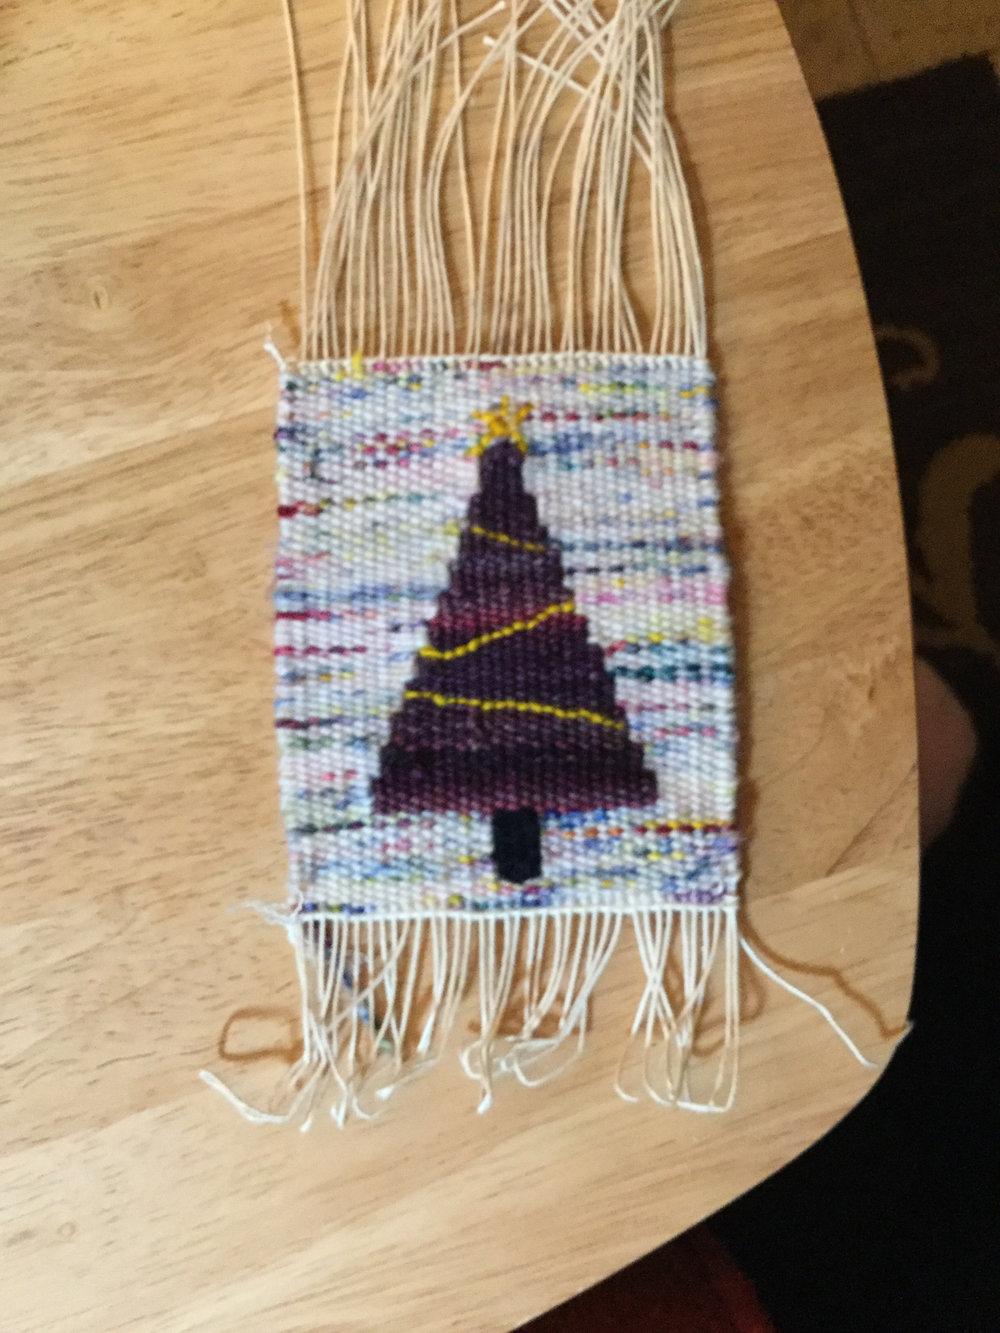 Sherri Mayben's holiday tree, #holidaytapestry17